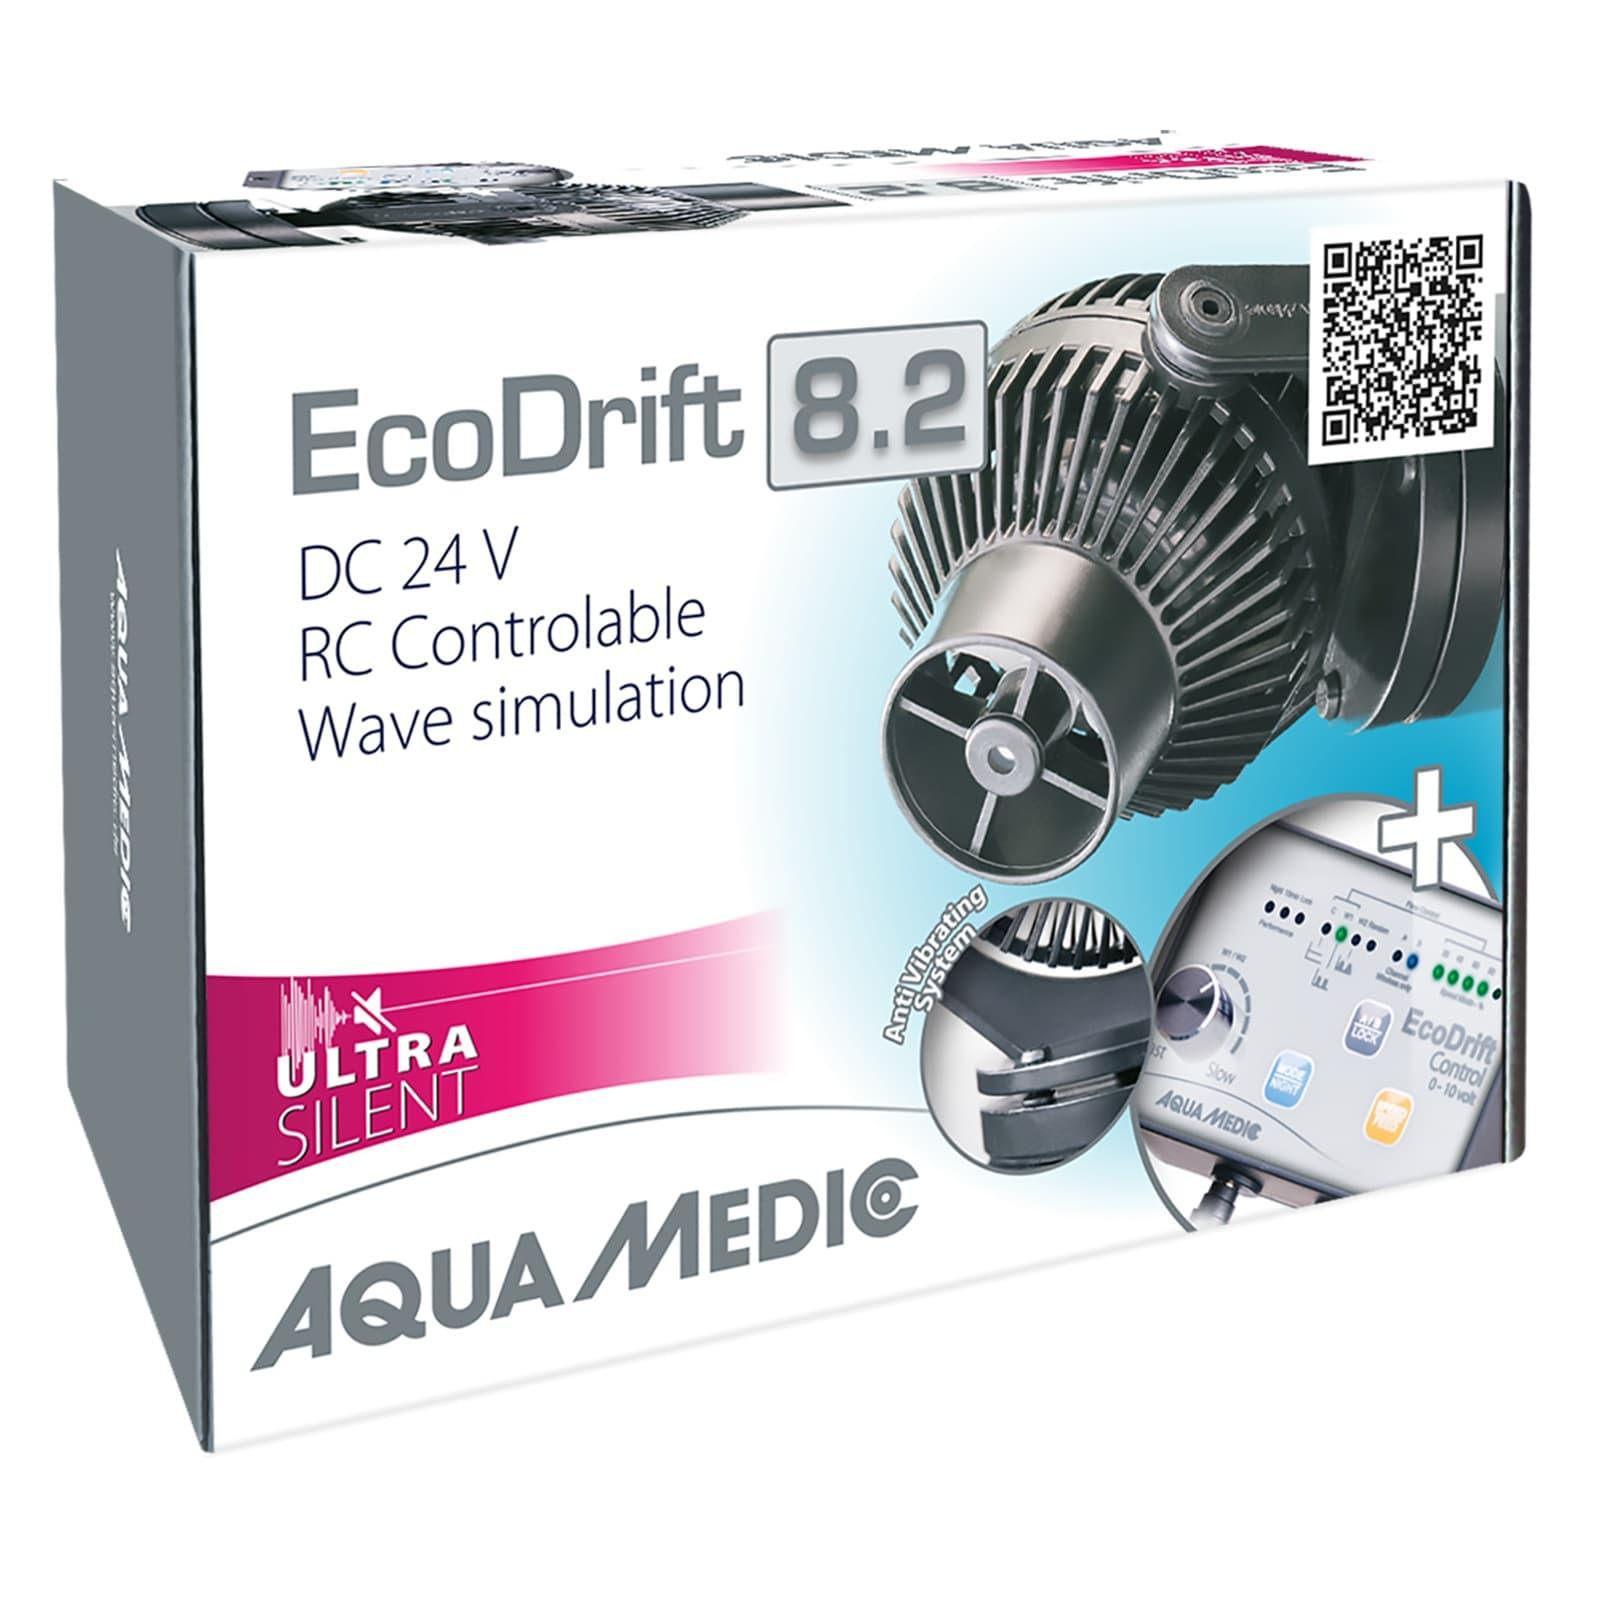 AQUA MEDIC ECODrift 8.2 Ultra Silent pompe de brassage 1600 à 8000 L/h avec contrôleur électronique pour aquarium jusqu\' à 800L